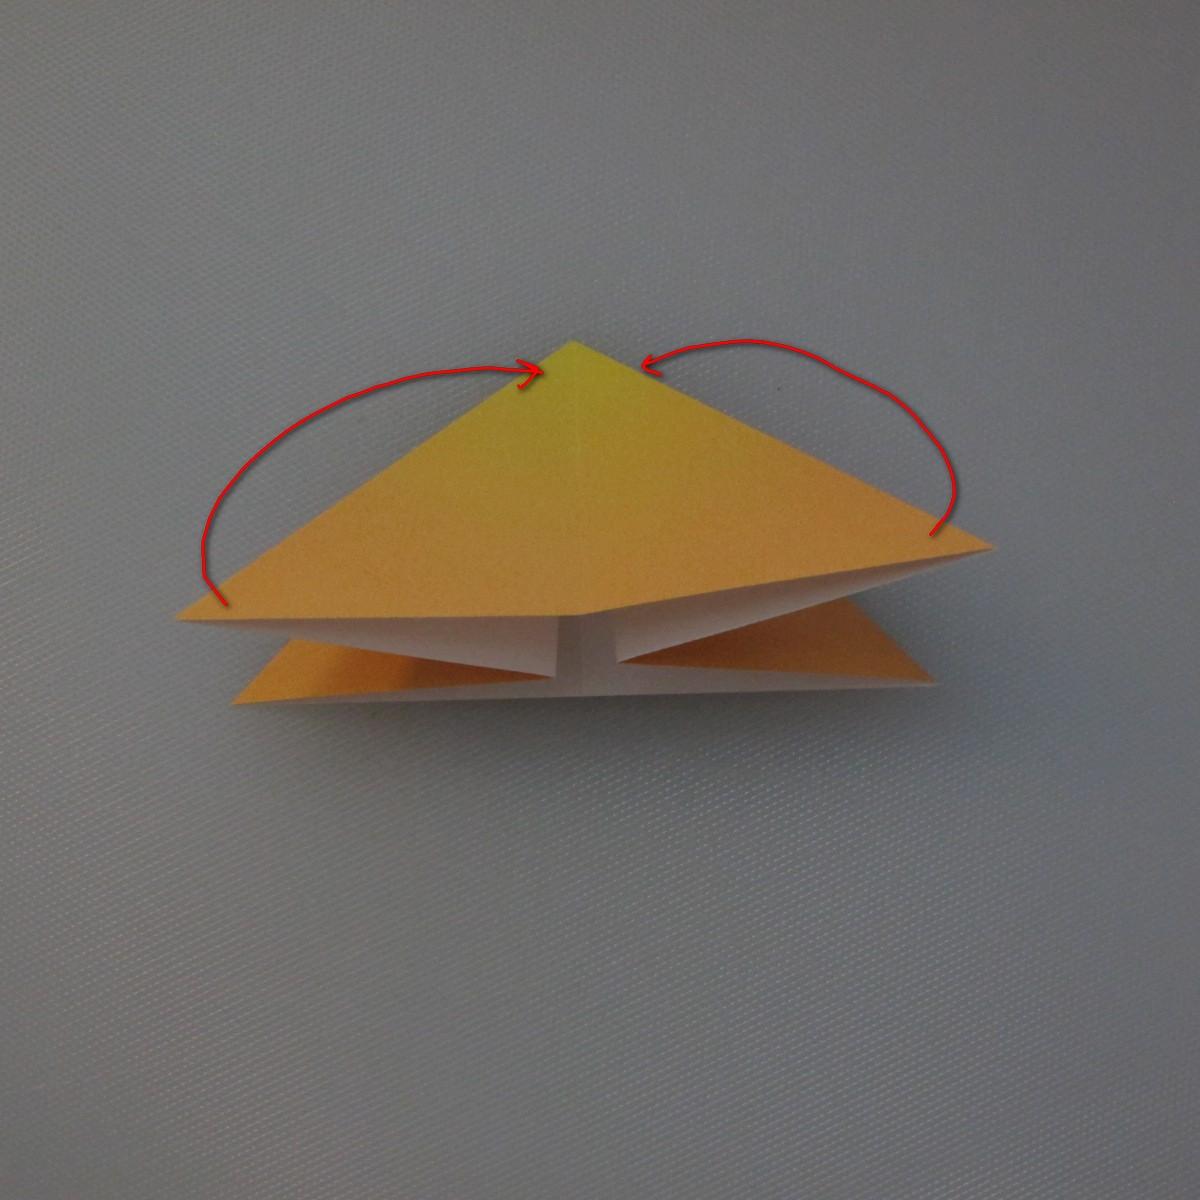 วิธีพับกระดาษเป็นดอกทิวลิป 005